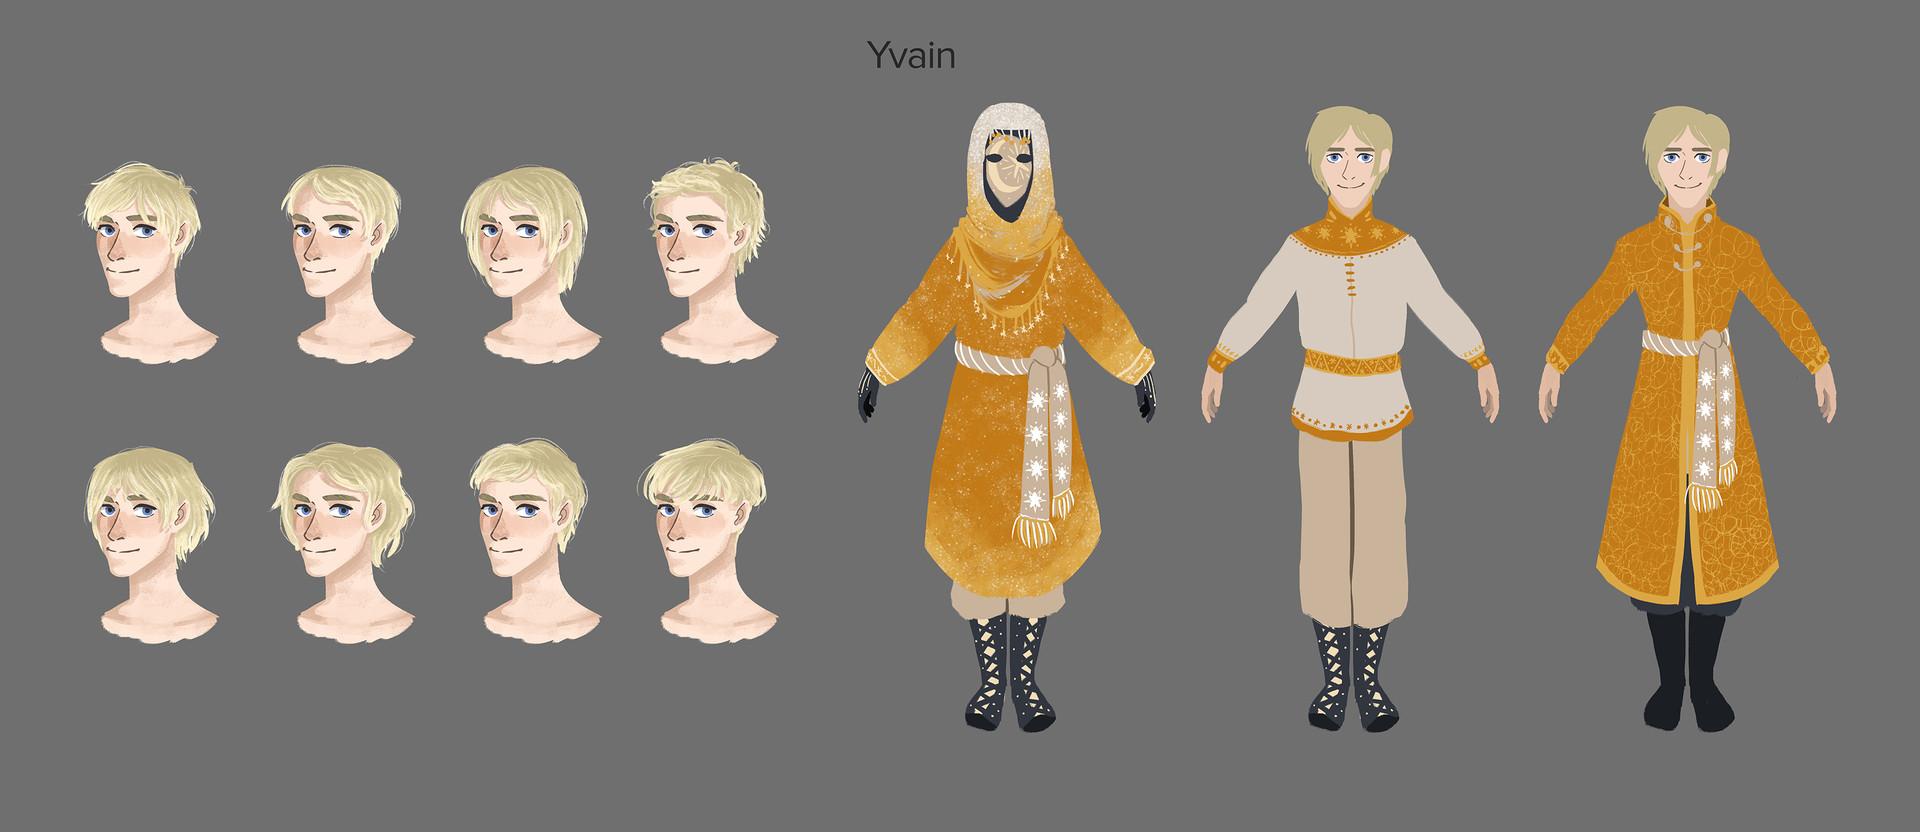 Fatima anaya yvain